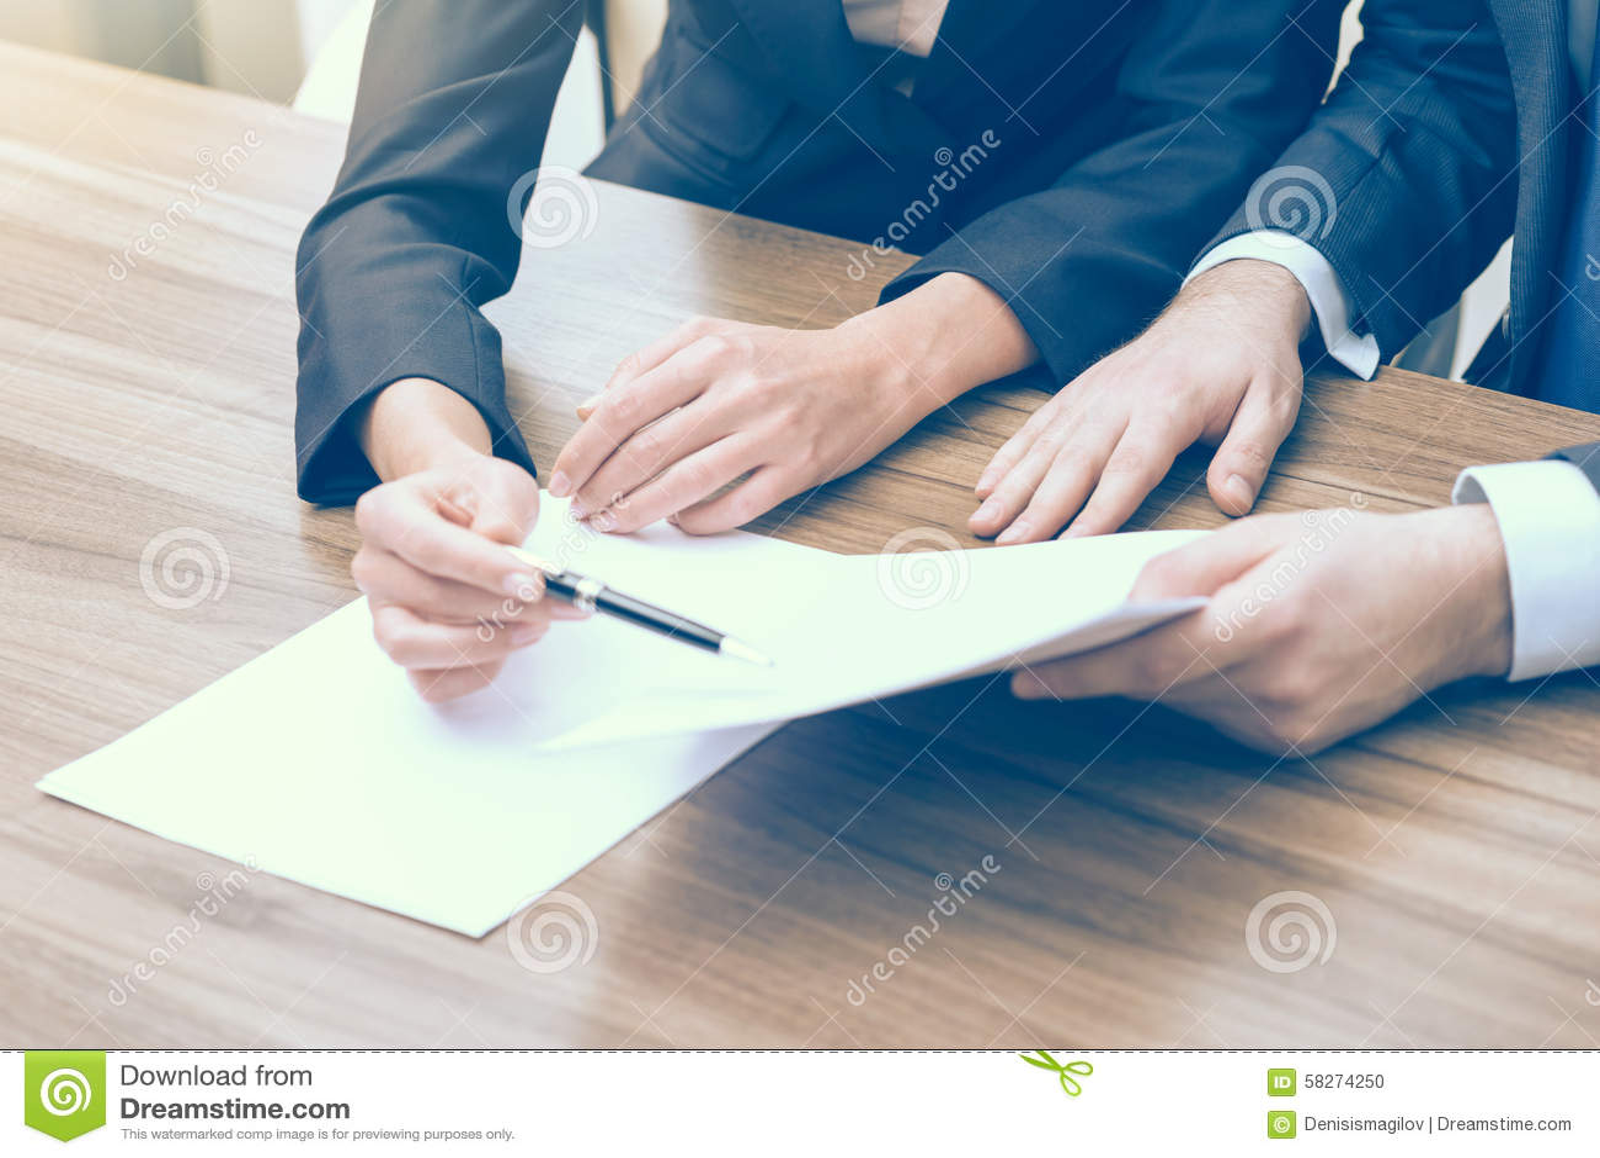 Het dubbel controleren van de essentiële informatie over bedrijfsproject Een paar in formele kleding bekijkt de documenten